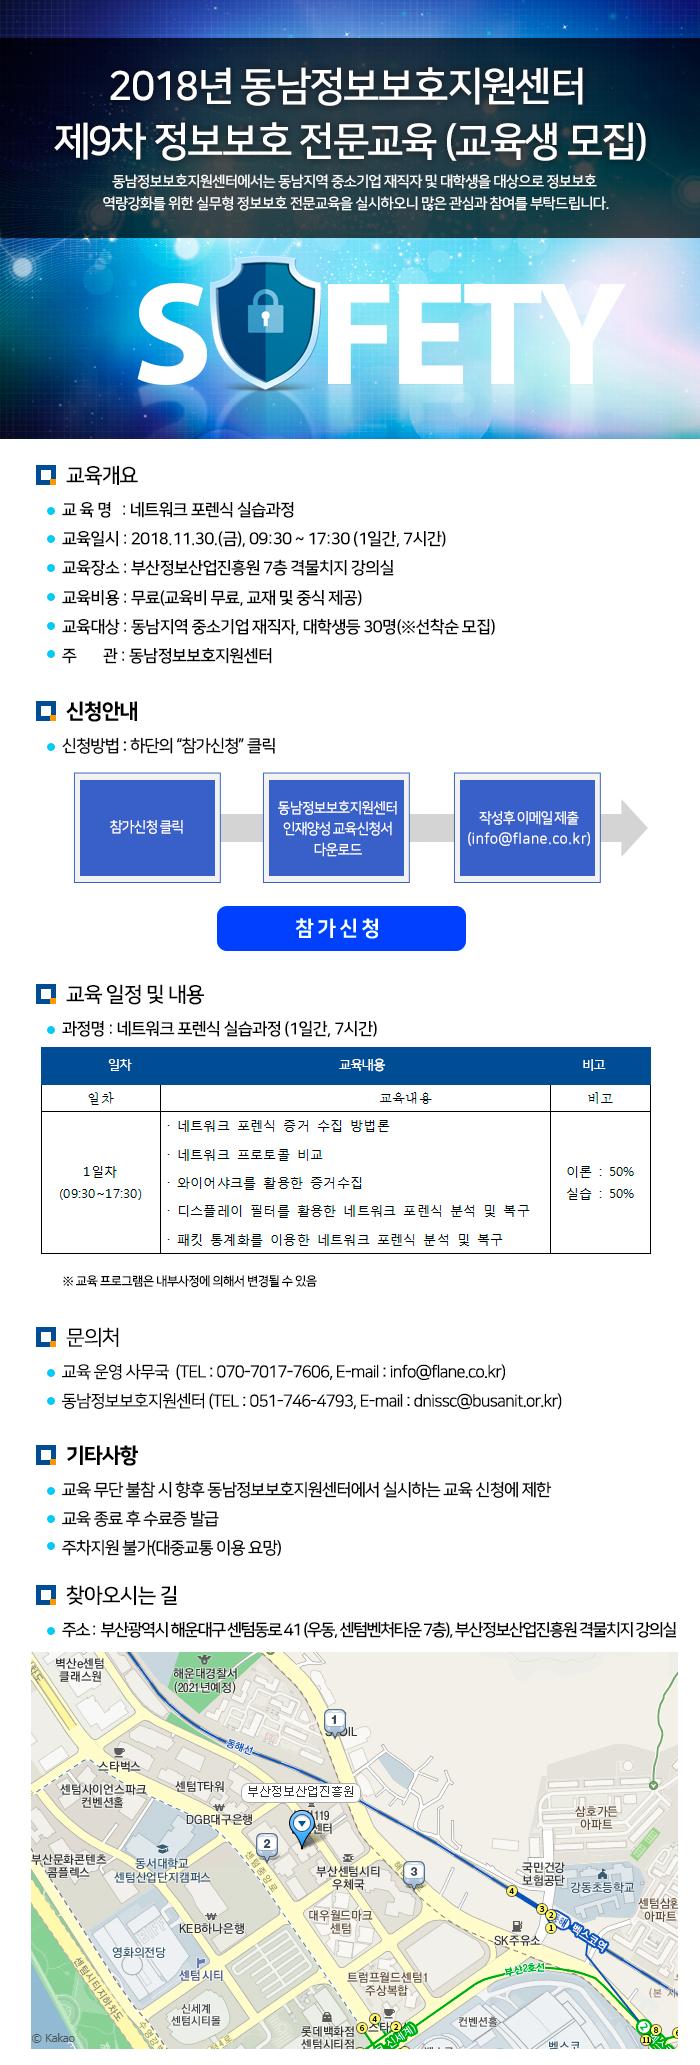 2018년 동남정보보호지원센터 제9차 정보보호 전문교육 (교육생 모집)